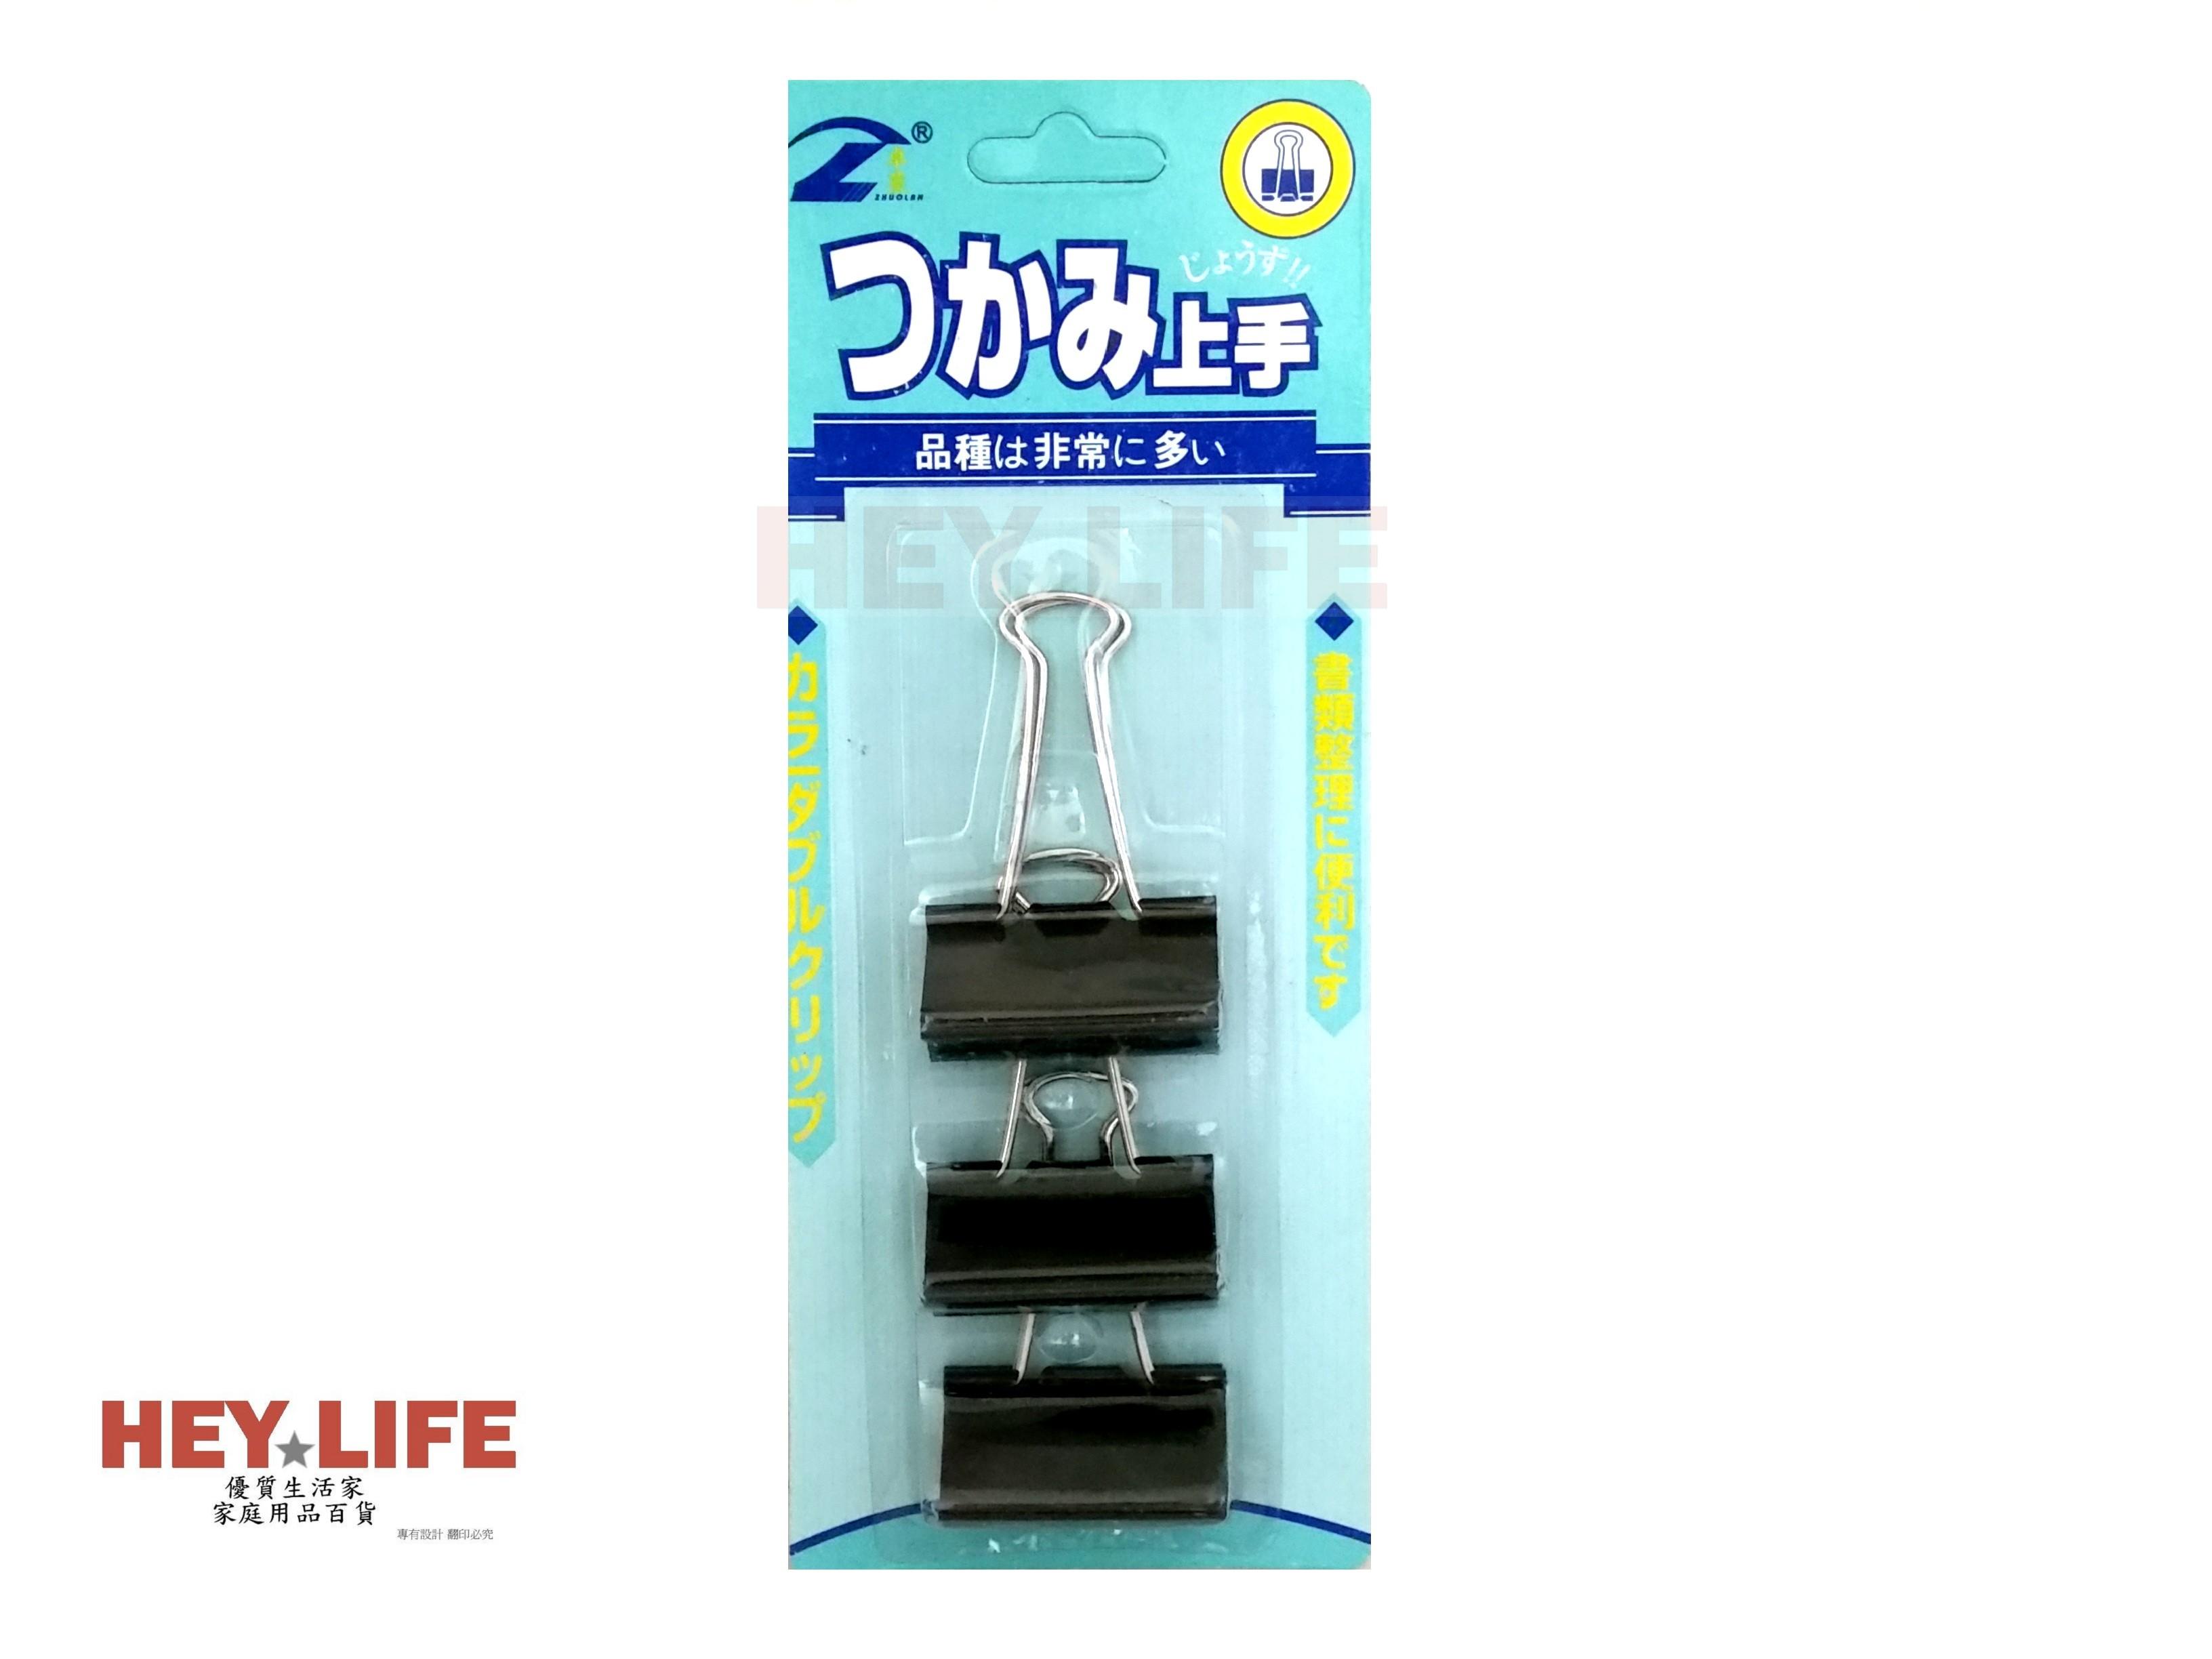 【HEYLIFE優質生活家】長尾夾(黑色)3入 24mm 文具夾 夾 優質嚴選 品質保證